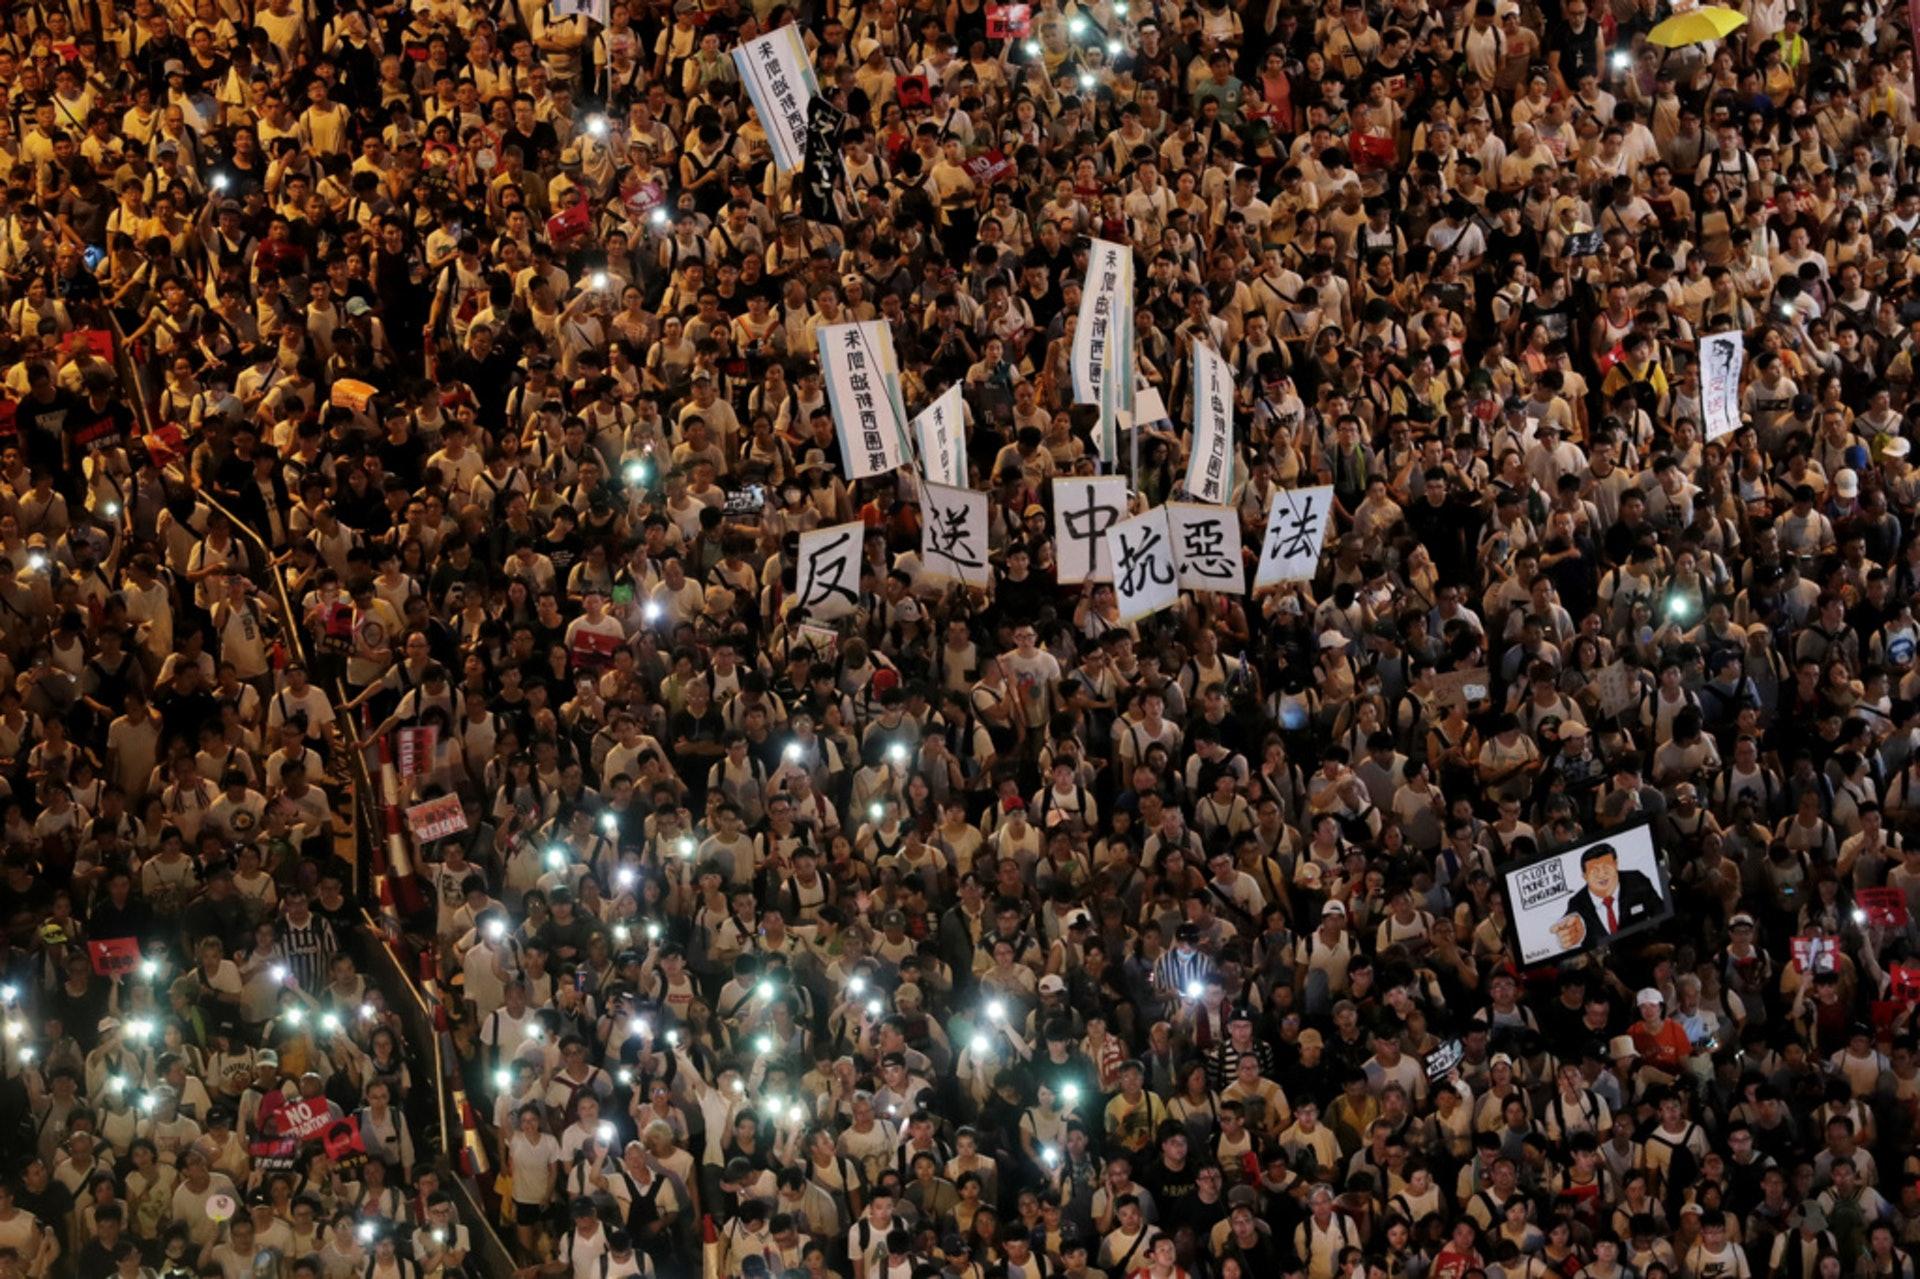 港府全力硬推修訂《逃犯條例》,激發社會極大矛盾。民陣上周日(9日)發起反修例大遊行,指有103萬人參加。(資料圖片/李澤彤攝)